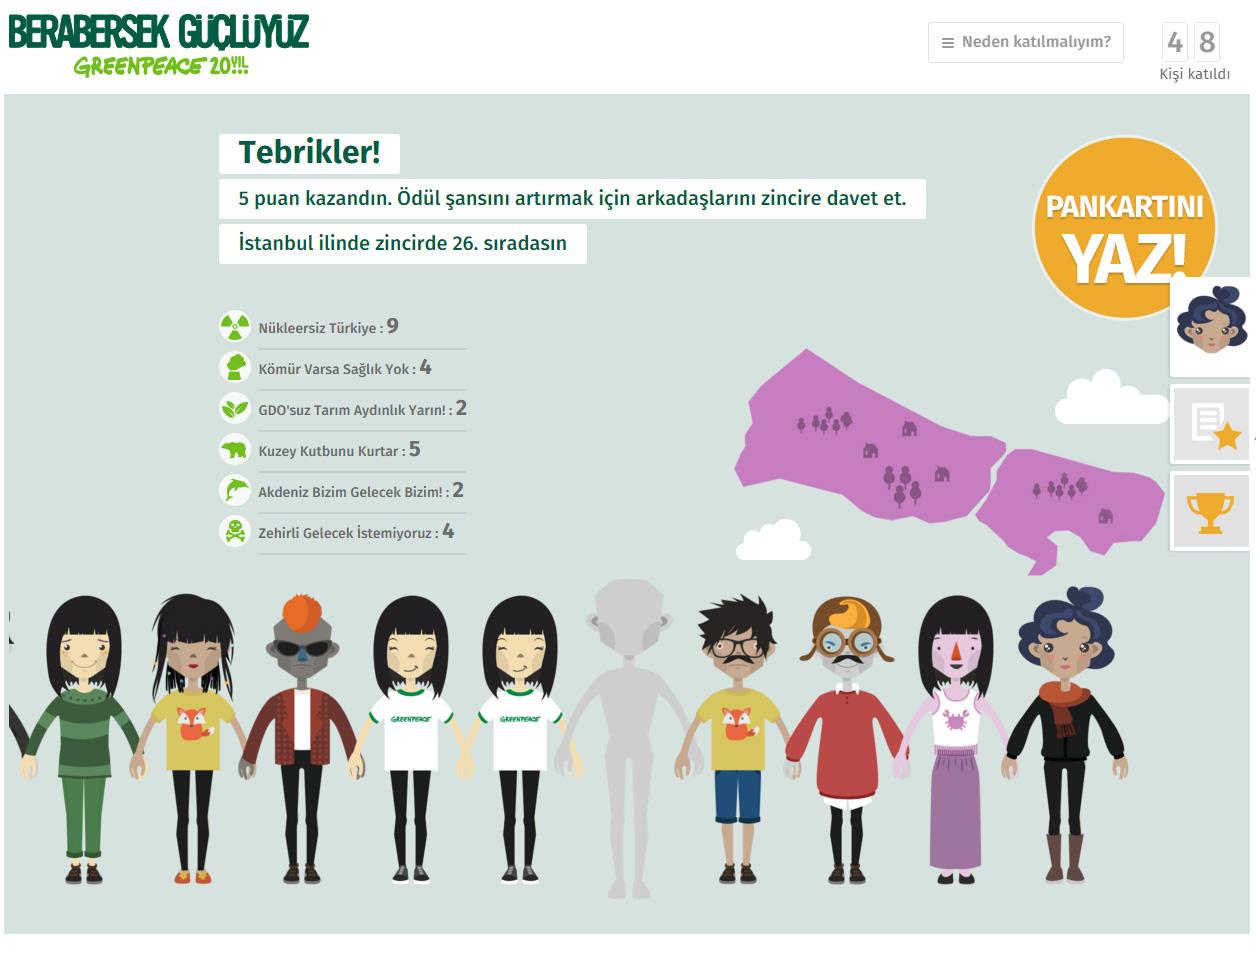 greenpeace türkiye berabersekgüçlüyüz